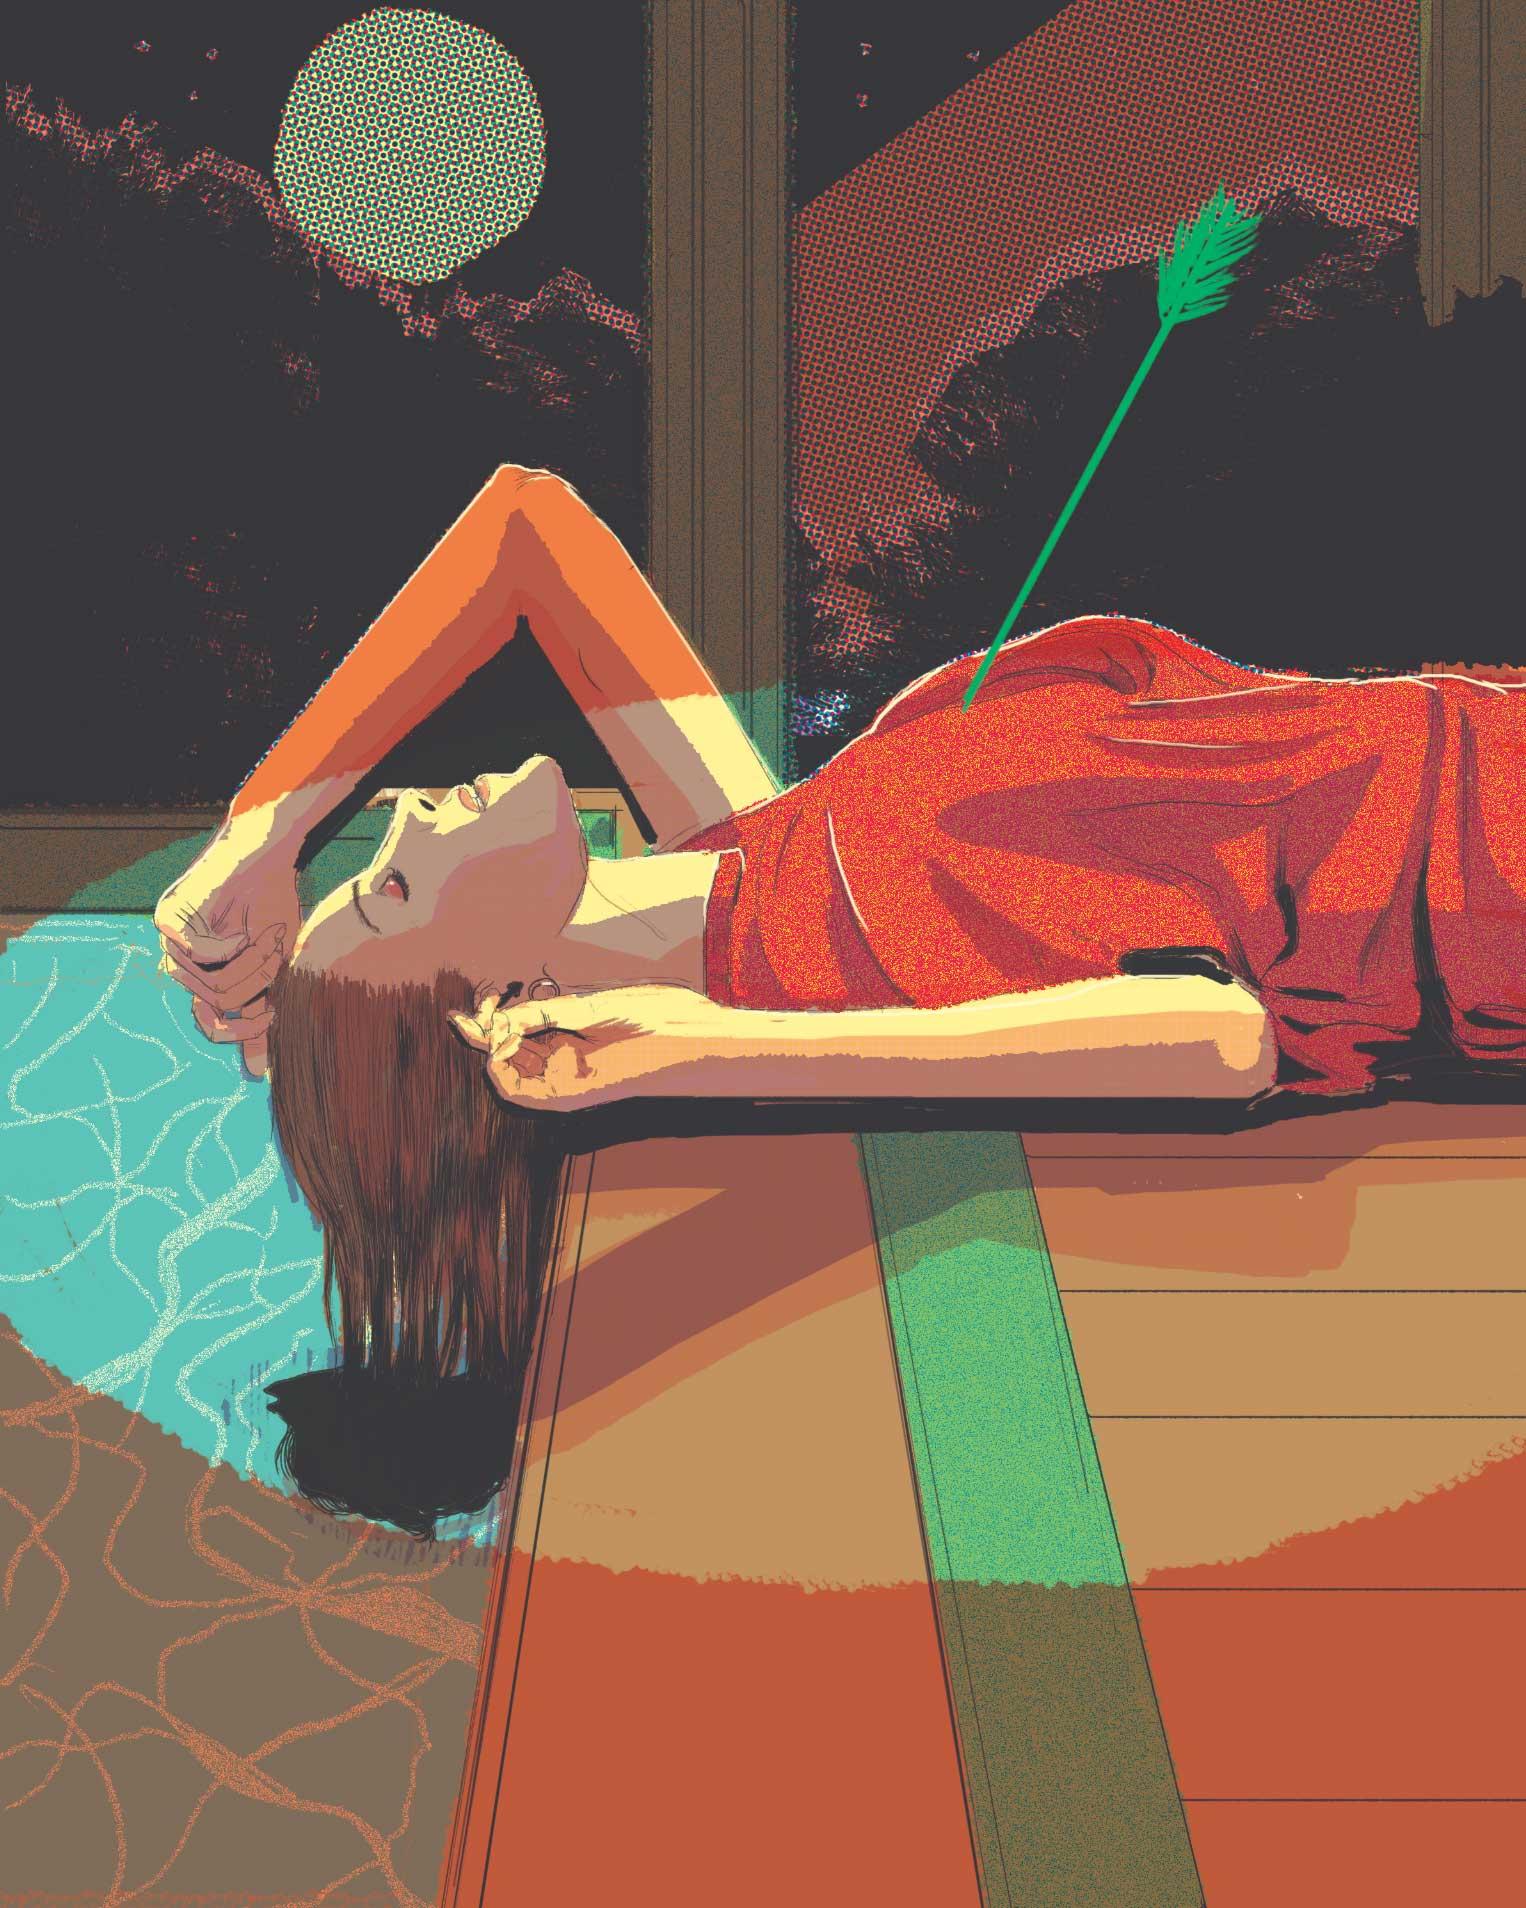 Illustration: Nicole Rifkin Nicole-Rifkin-illustration_04